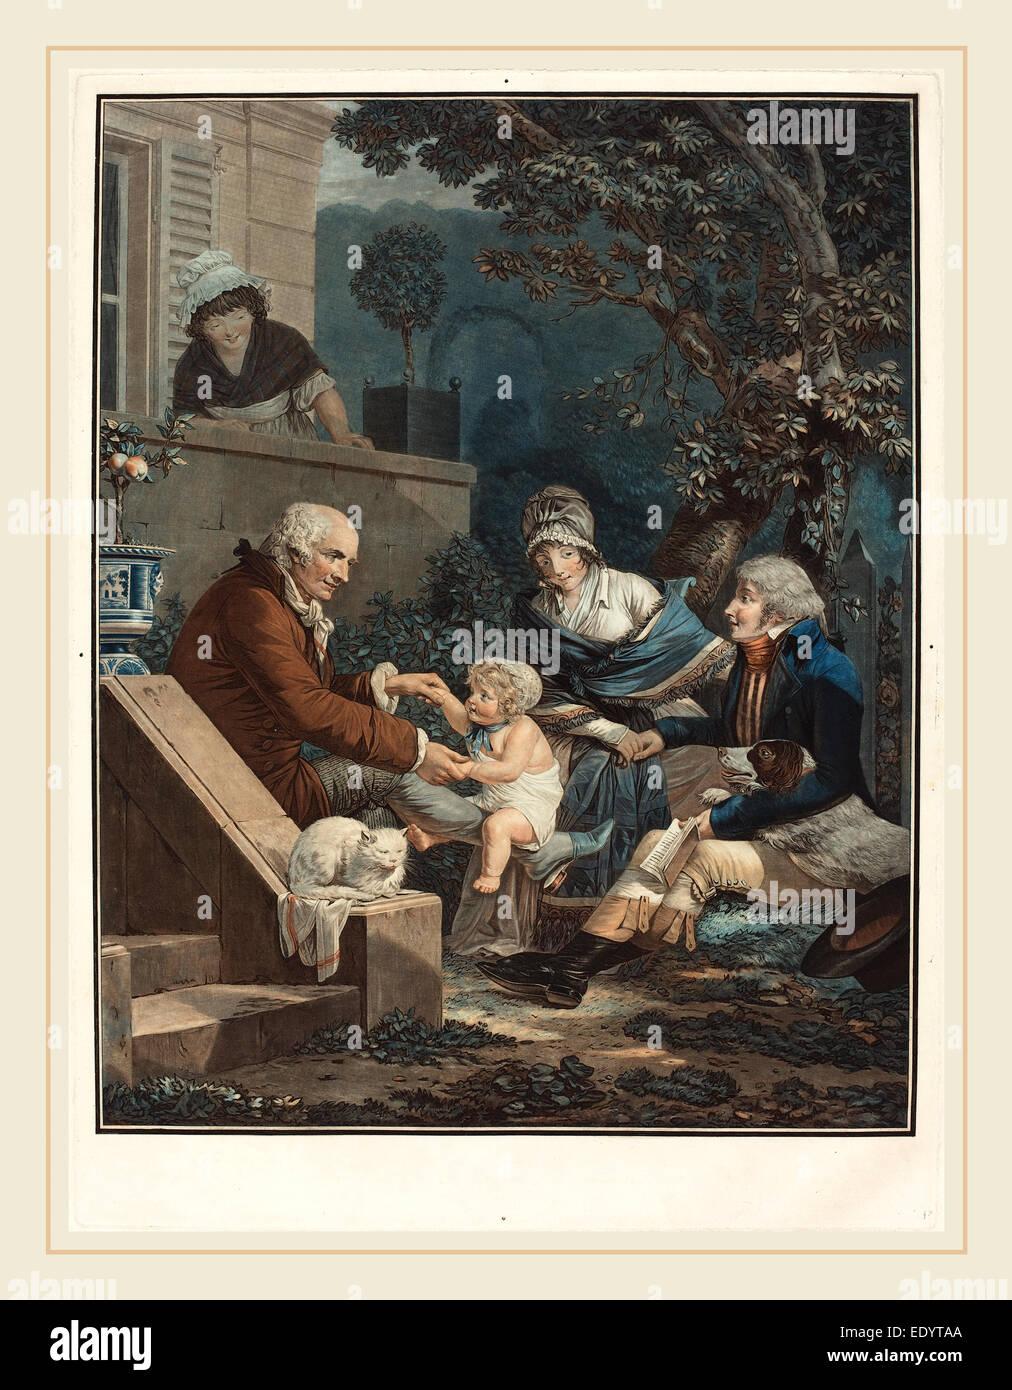 Philibert-Louis Debucourt, Francés (1755-1832), Les Plaisirs paternels placeres (Paterno), c. 1797, aguafuerte Imagen De Stock